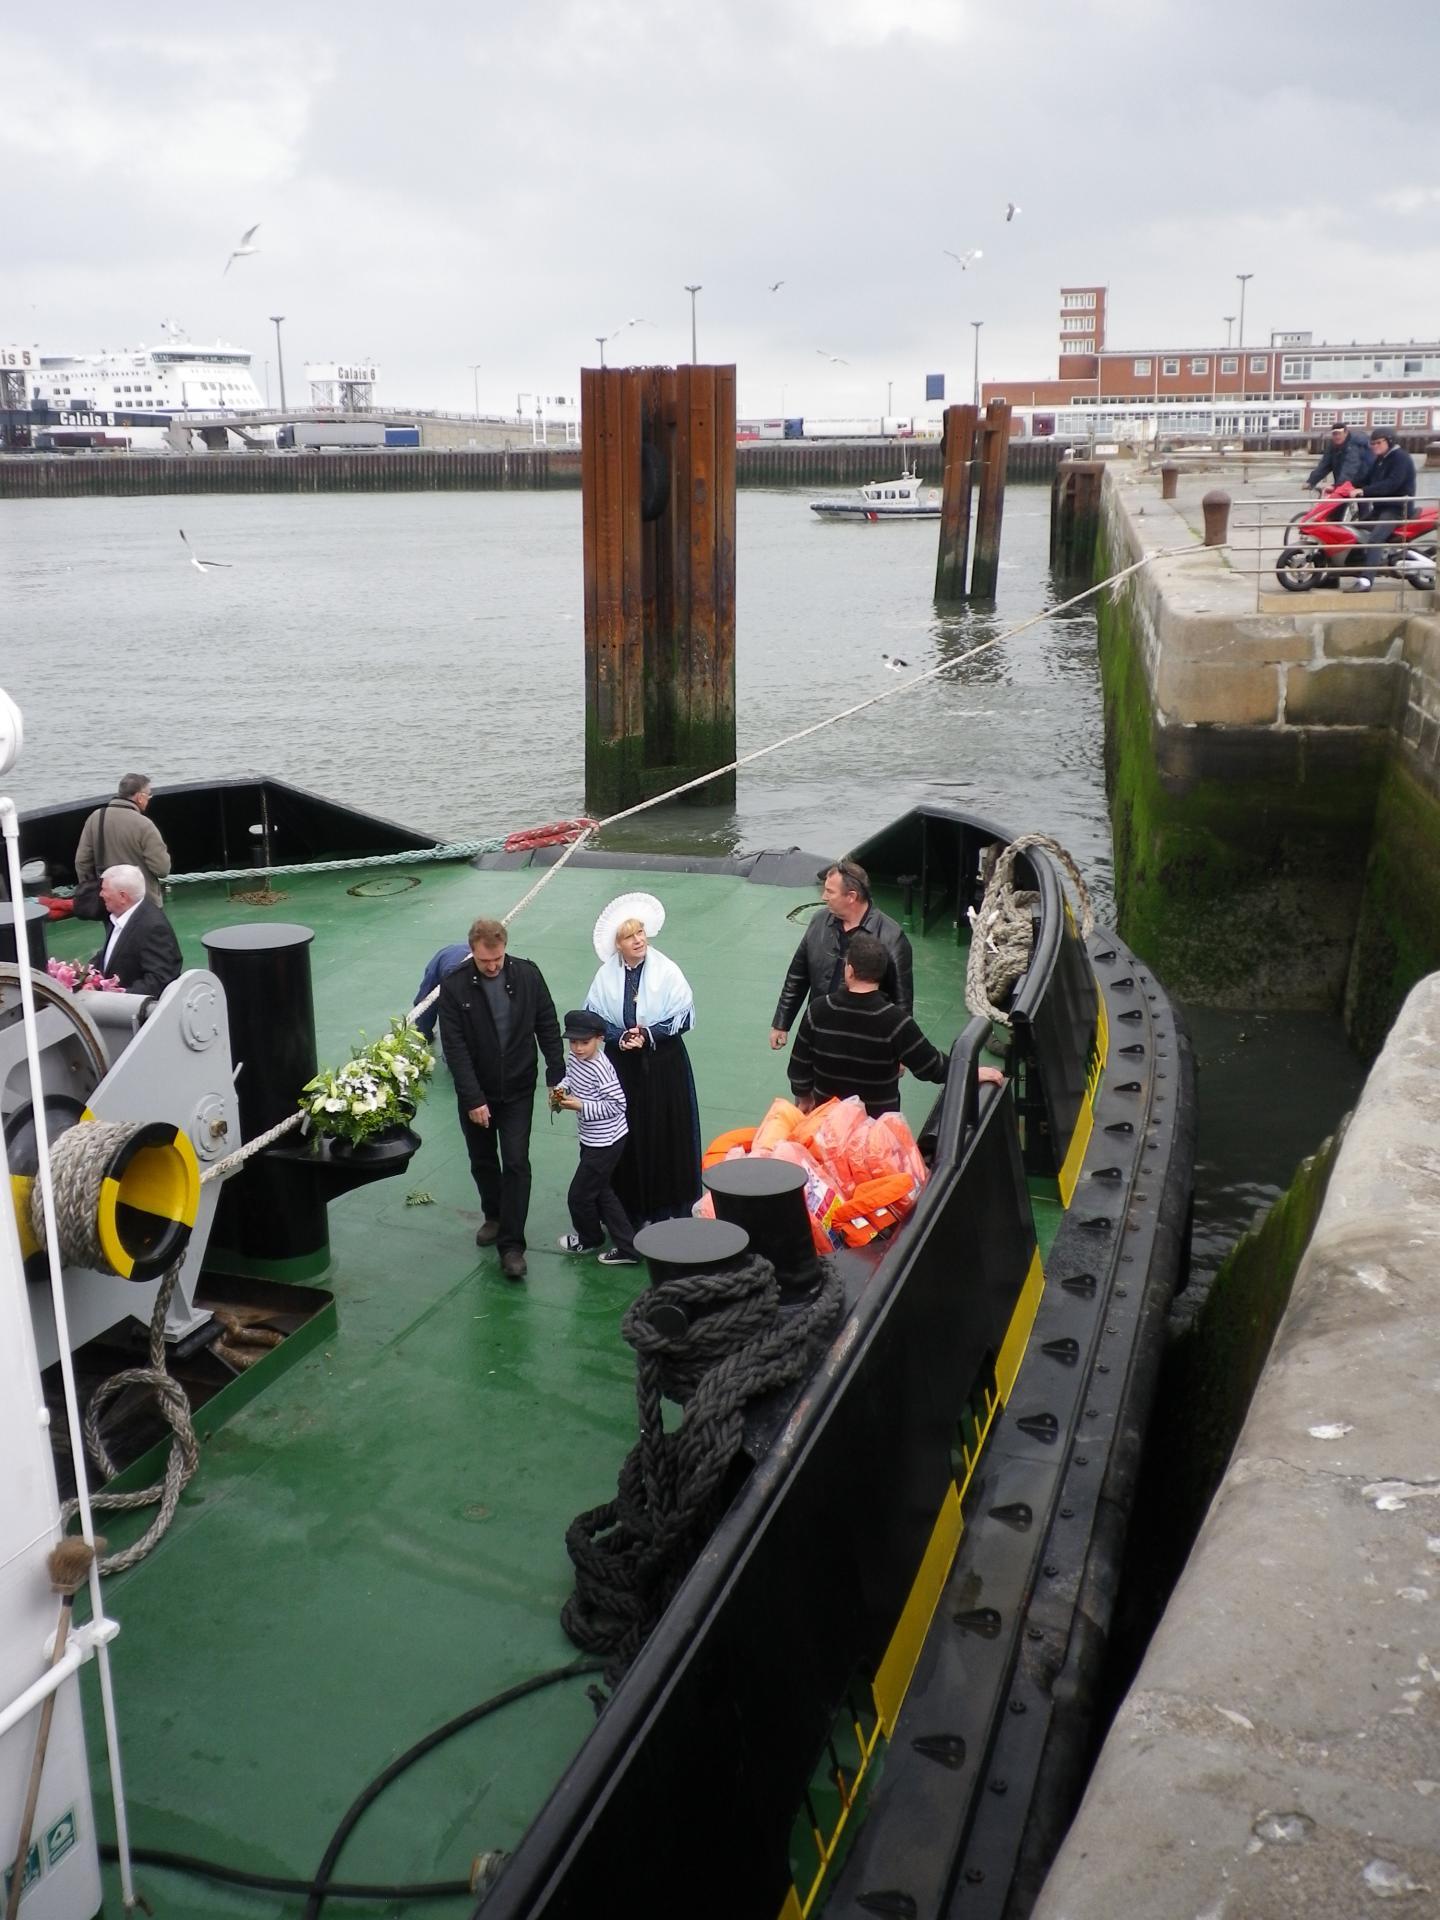 bénédiction de la mer à Calais